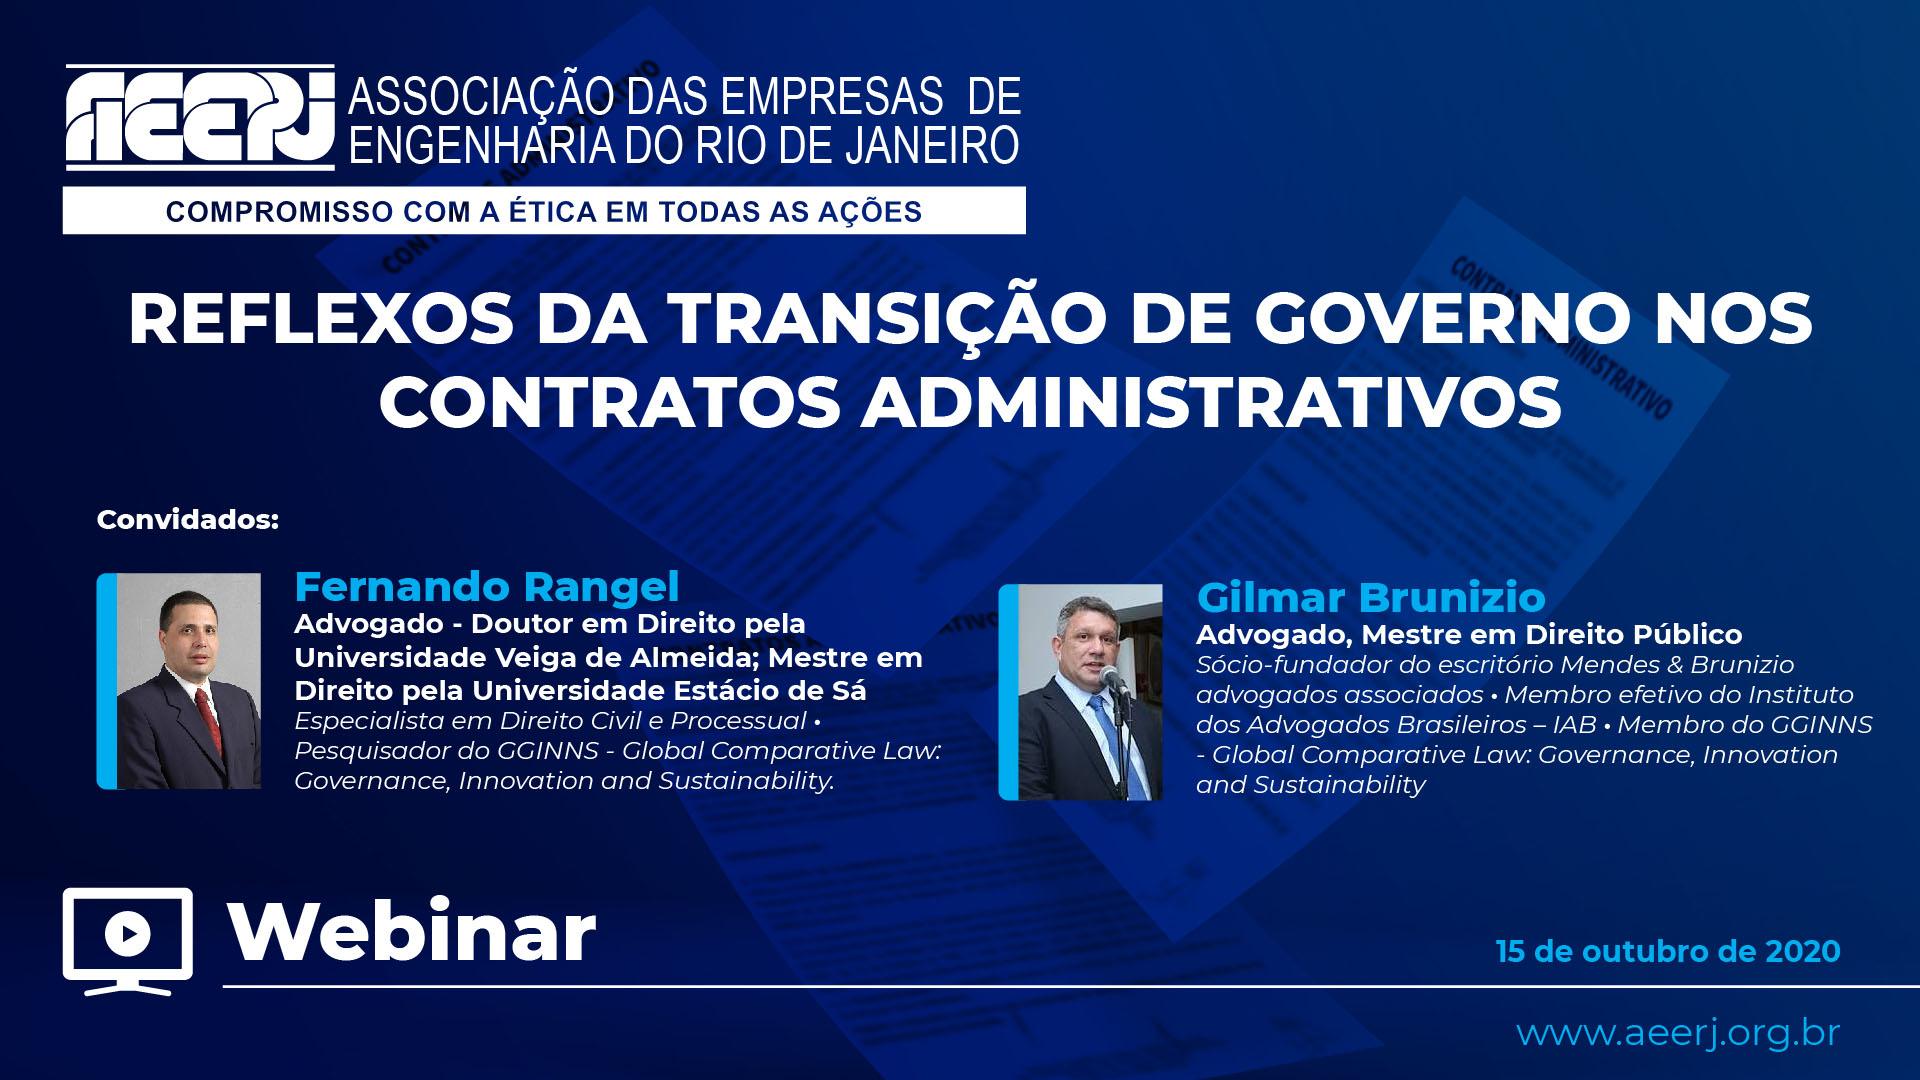 Reflexos da Transição de Governo nos Contratos Administrativos